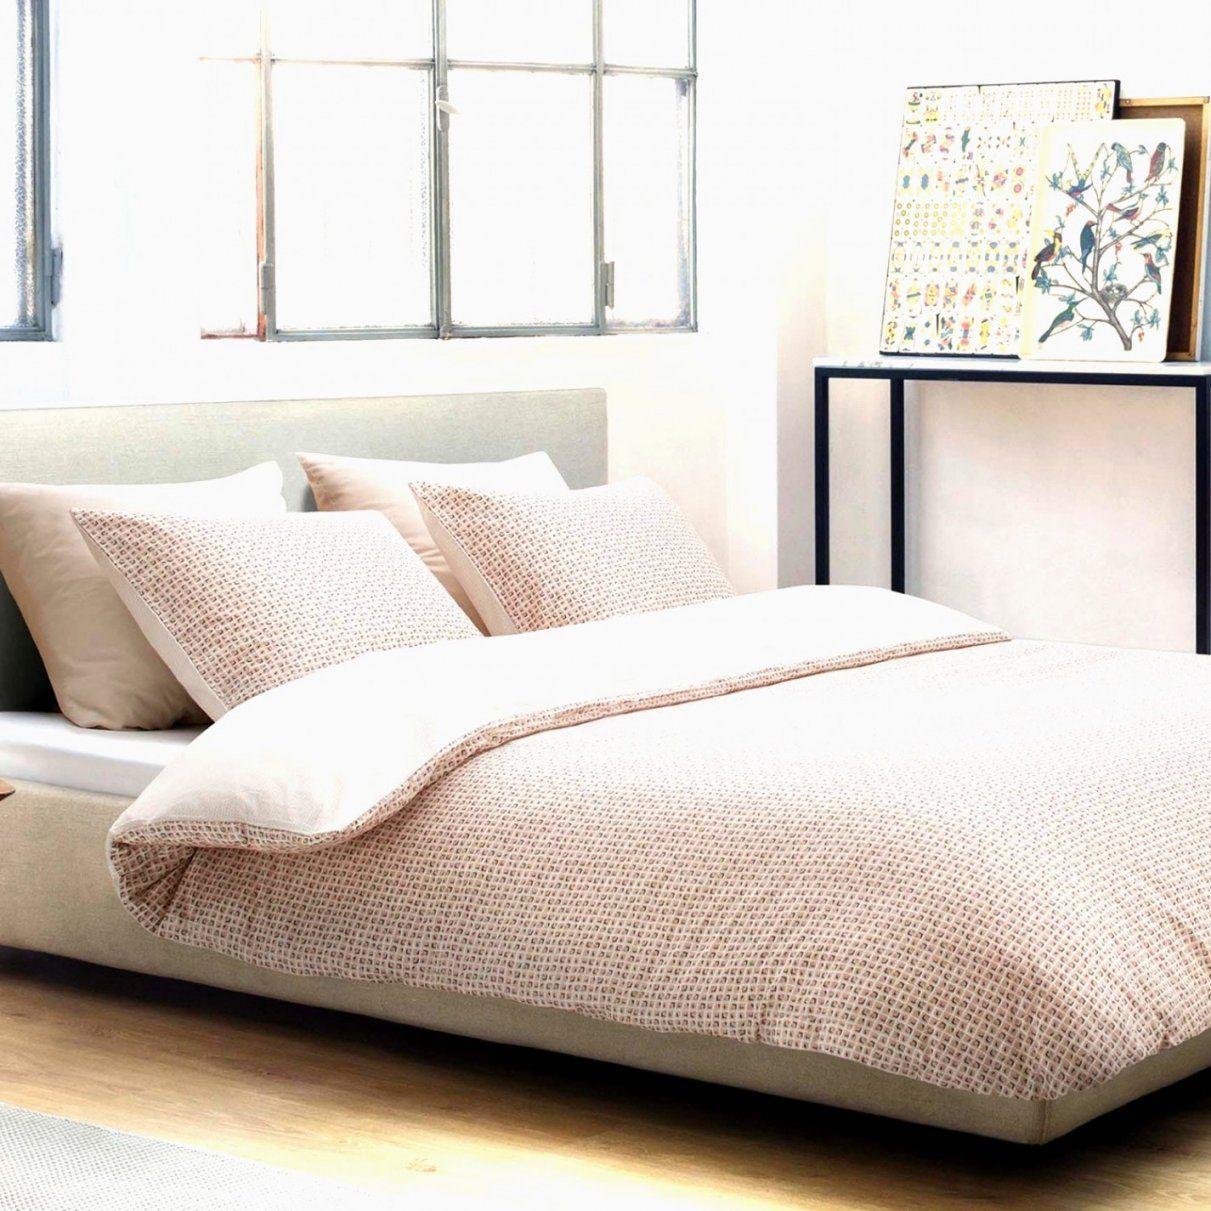 27 Elegant Bassetti Bettwäsche 155X220 Für Ihre Designinspiration von Bettwäsche Leinen 155X220 Bild